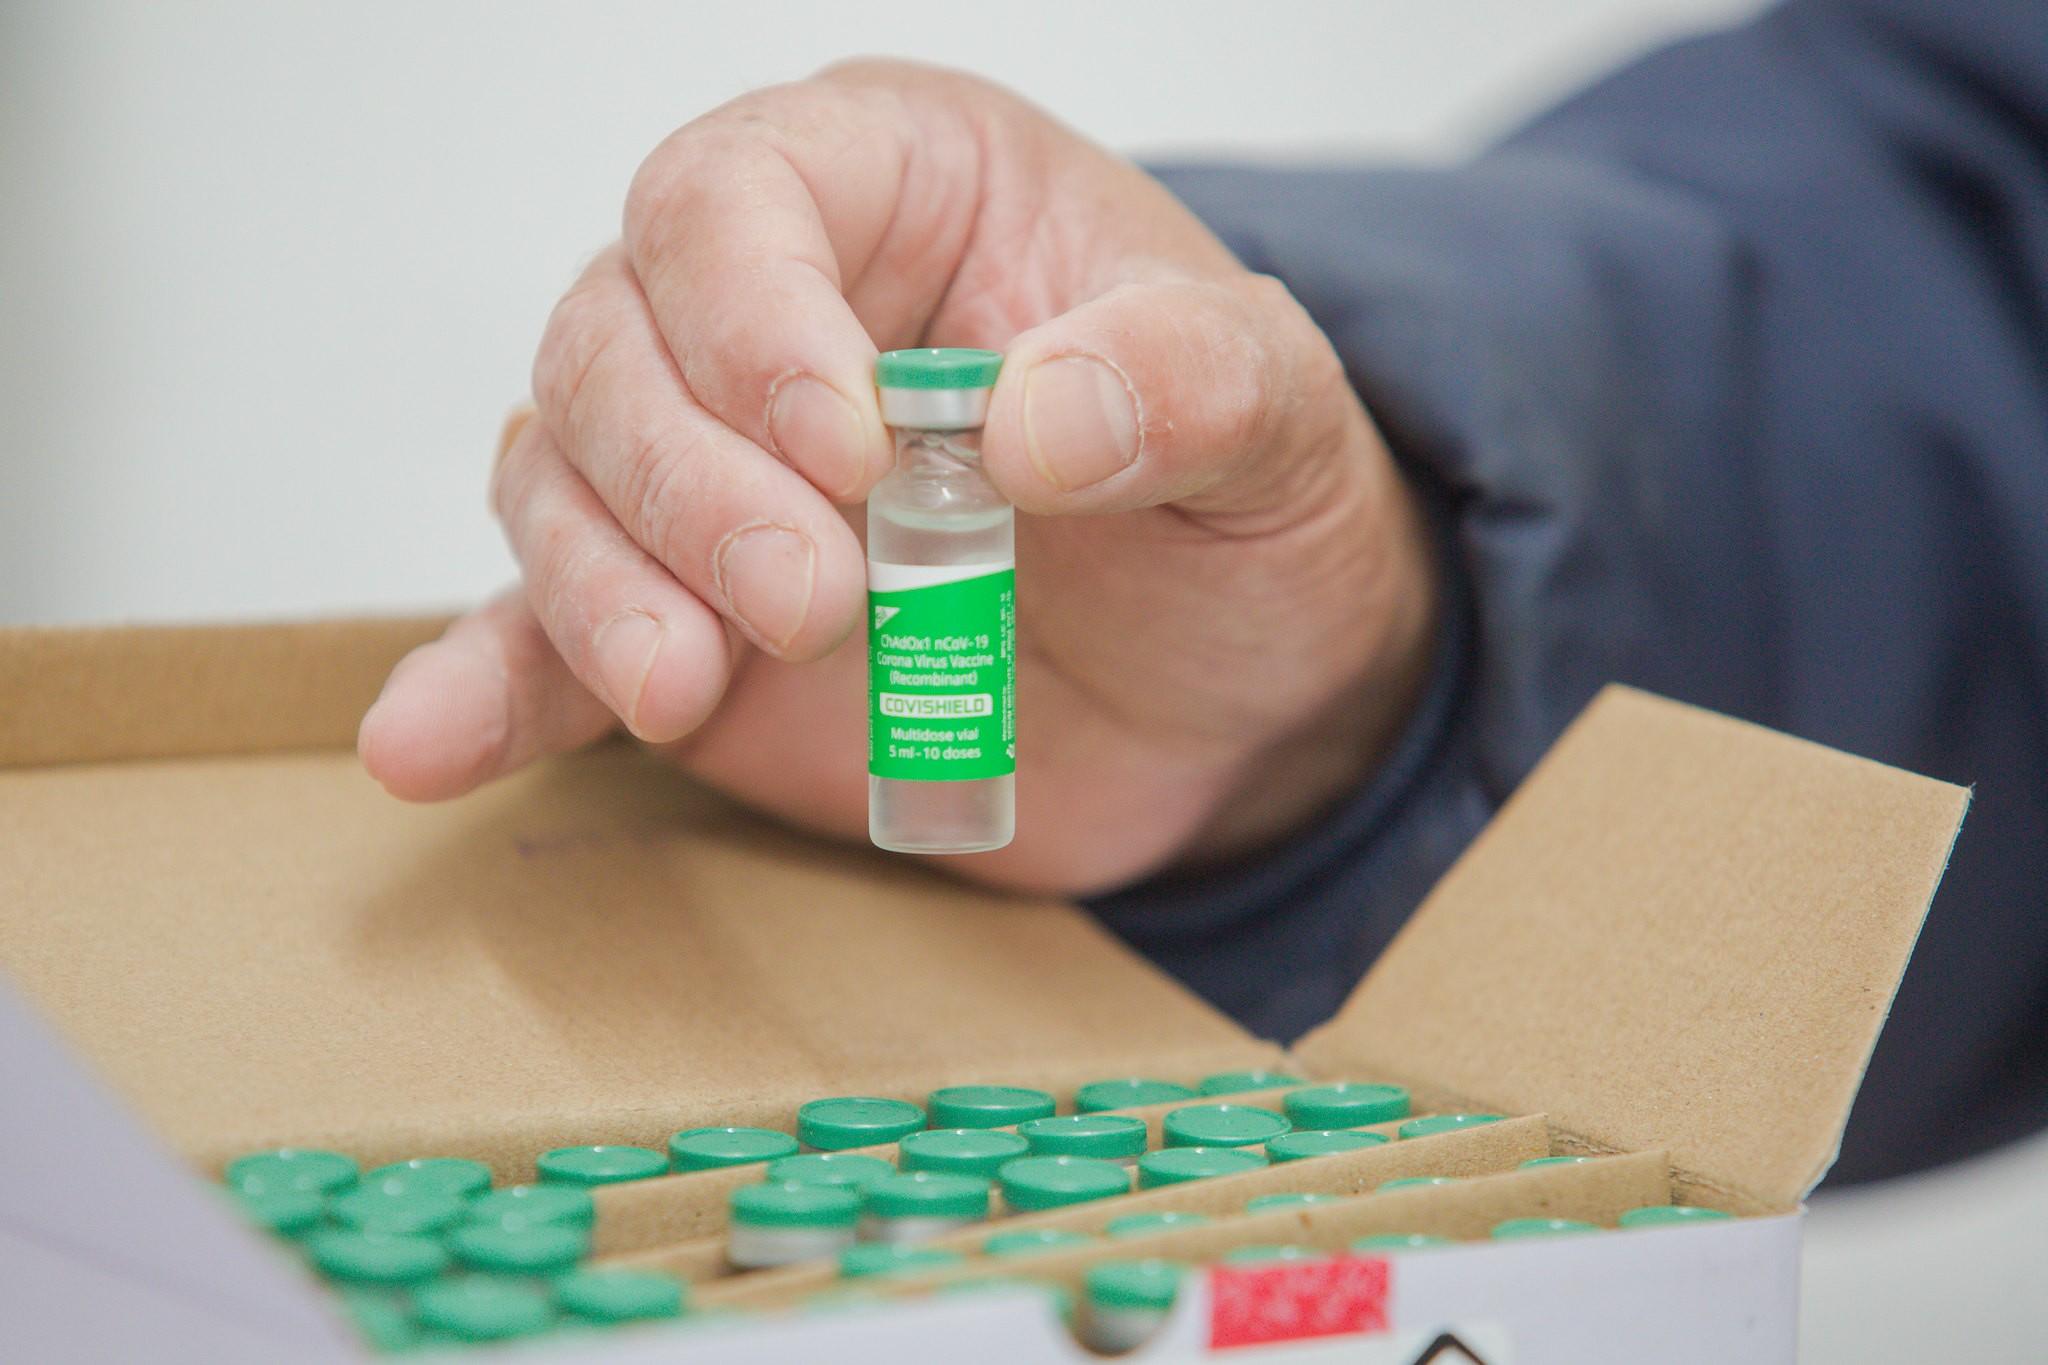 Covid-19: Ponta Grossa abre novo agendamento para segunda dose da Astrazeneca